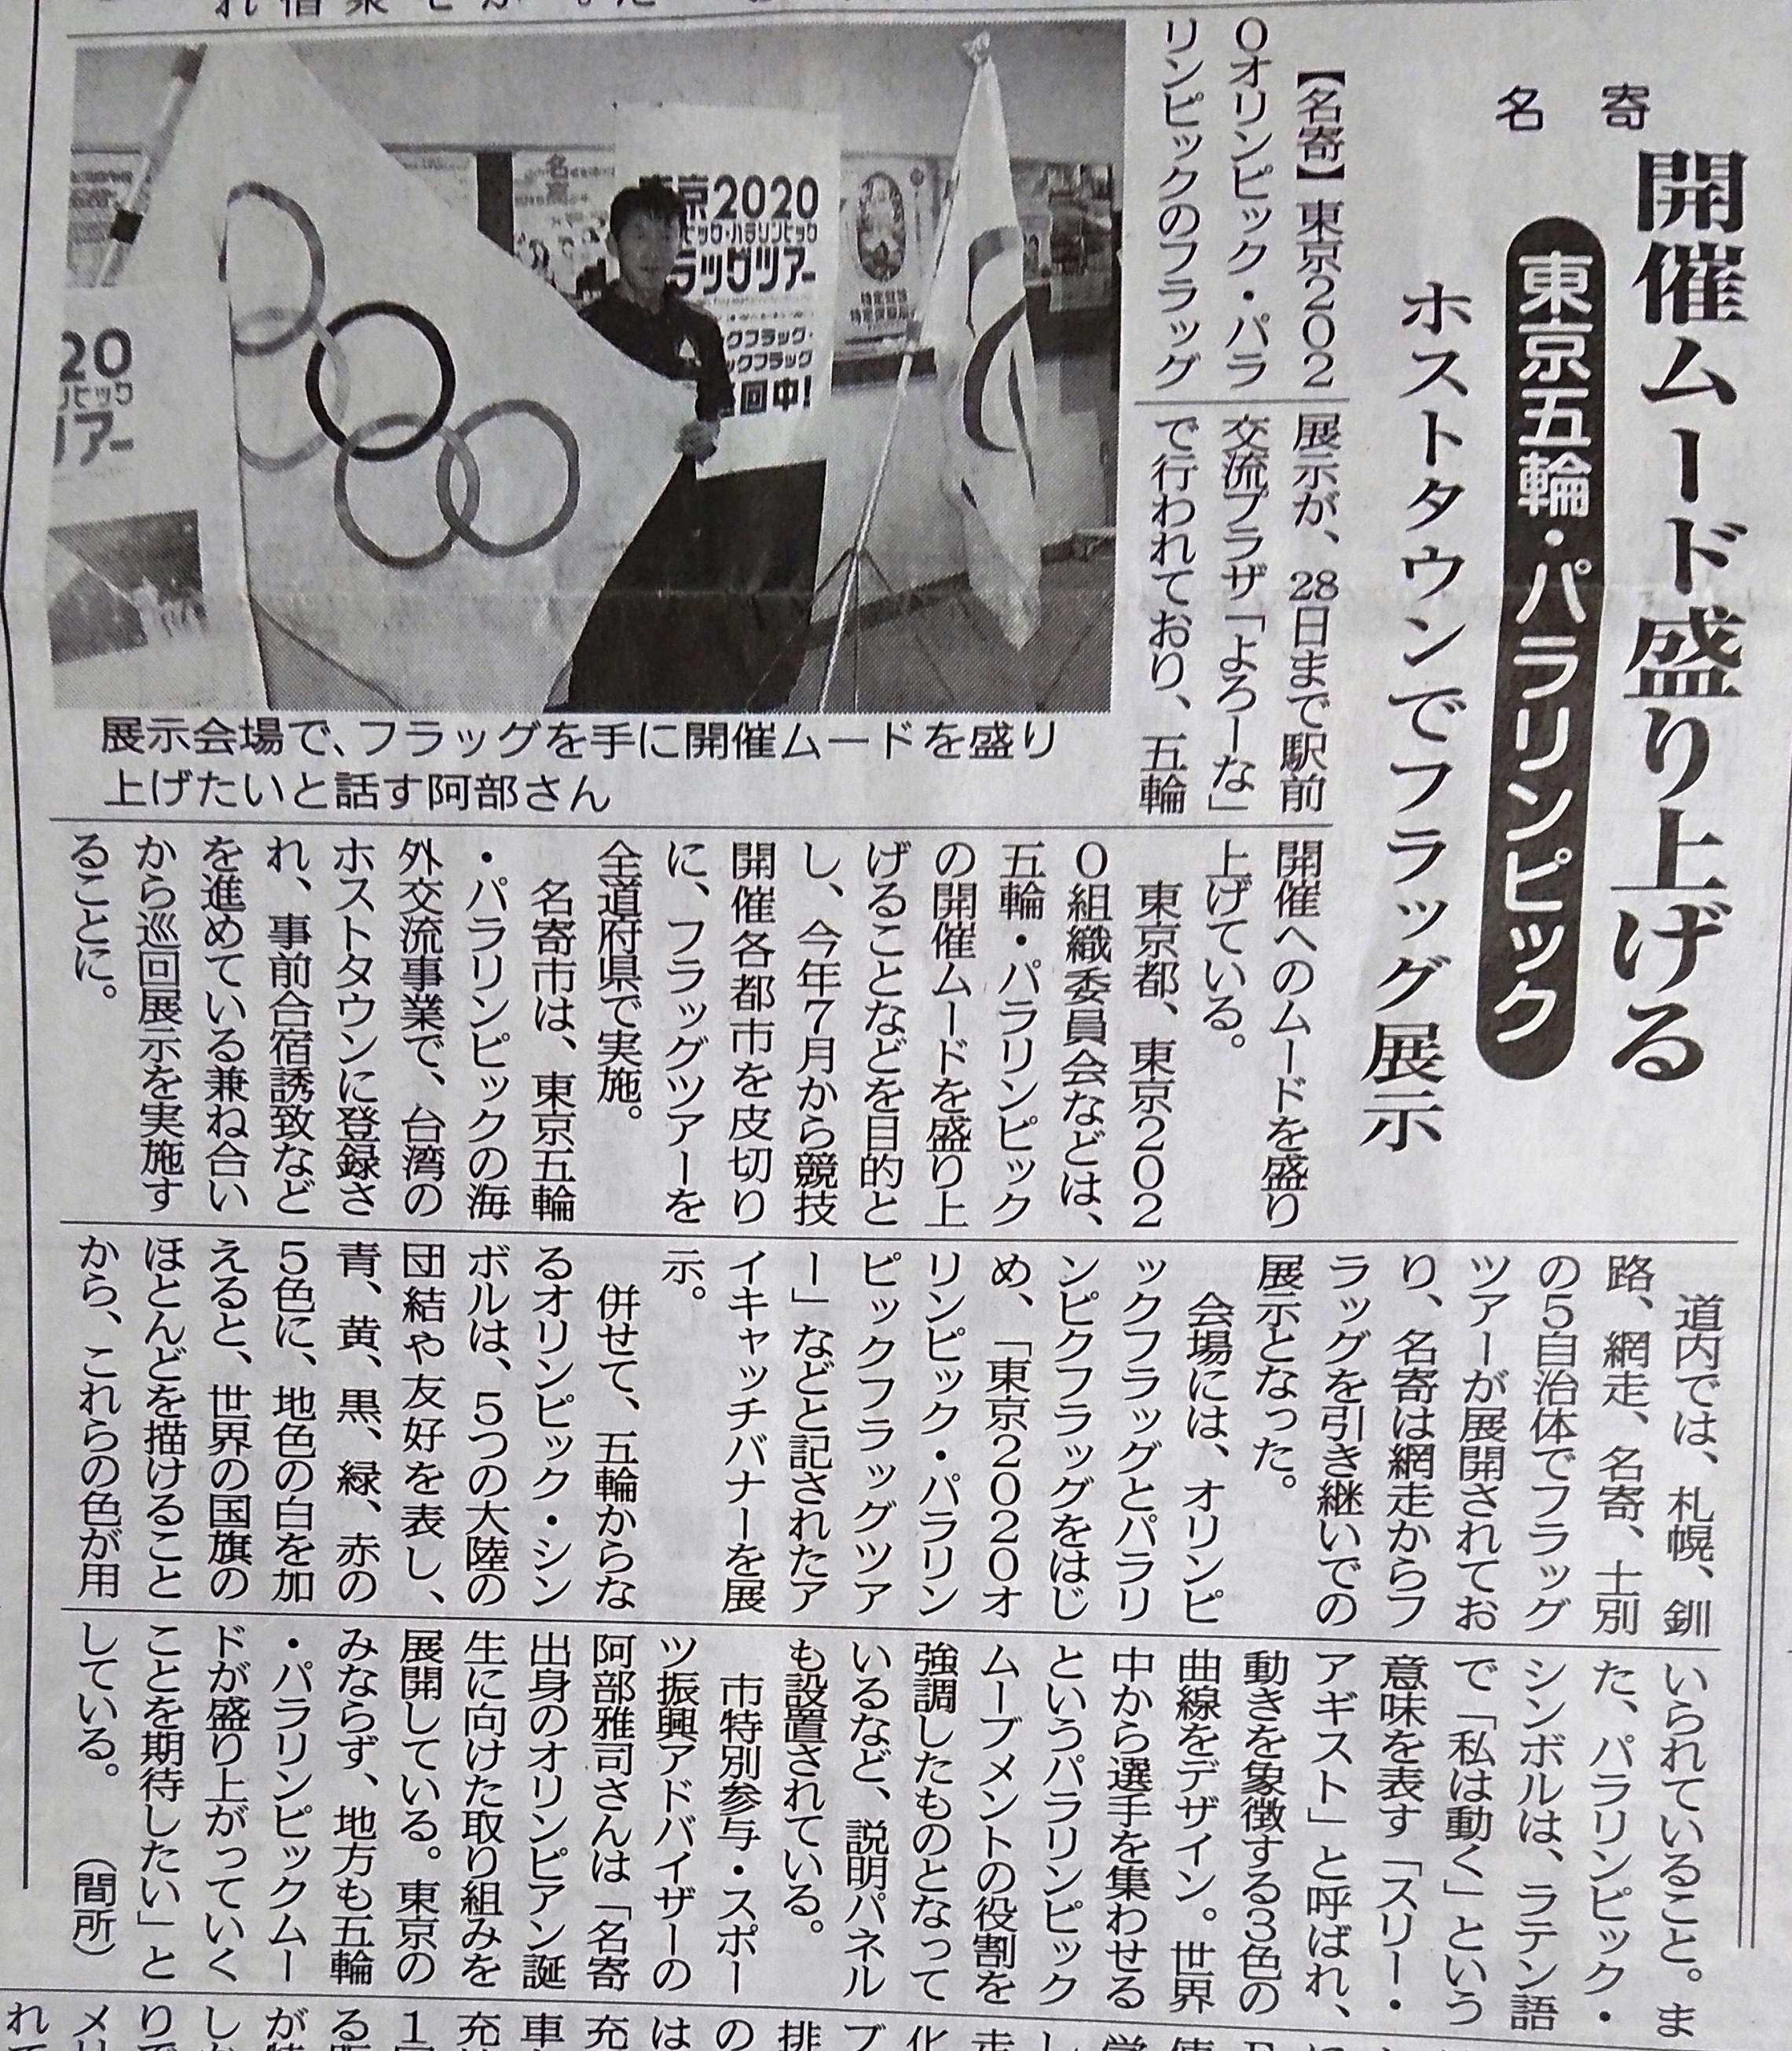 2017.8.24名寄新聞(五輪フラッグ)